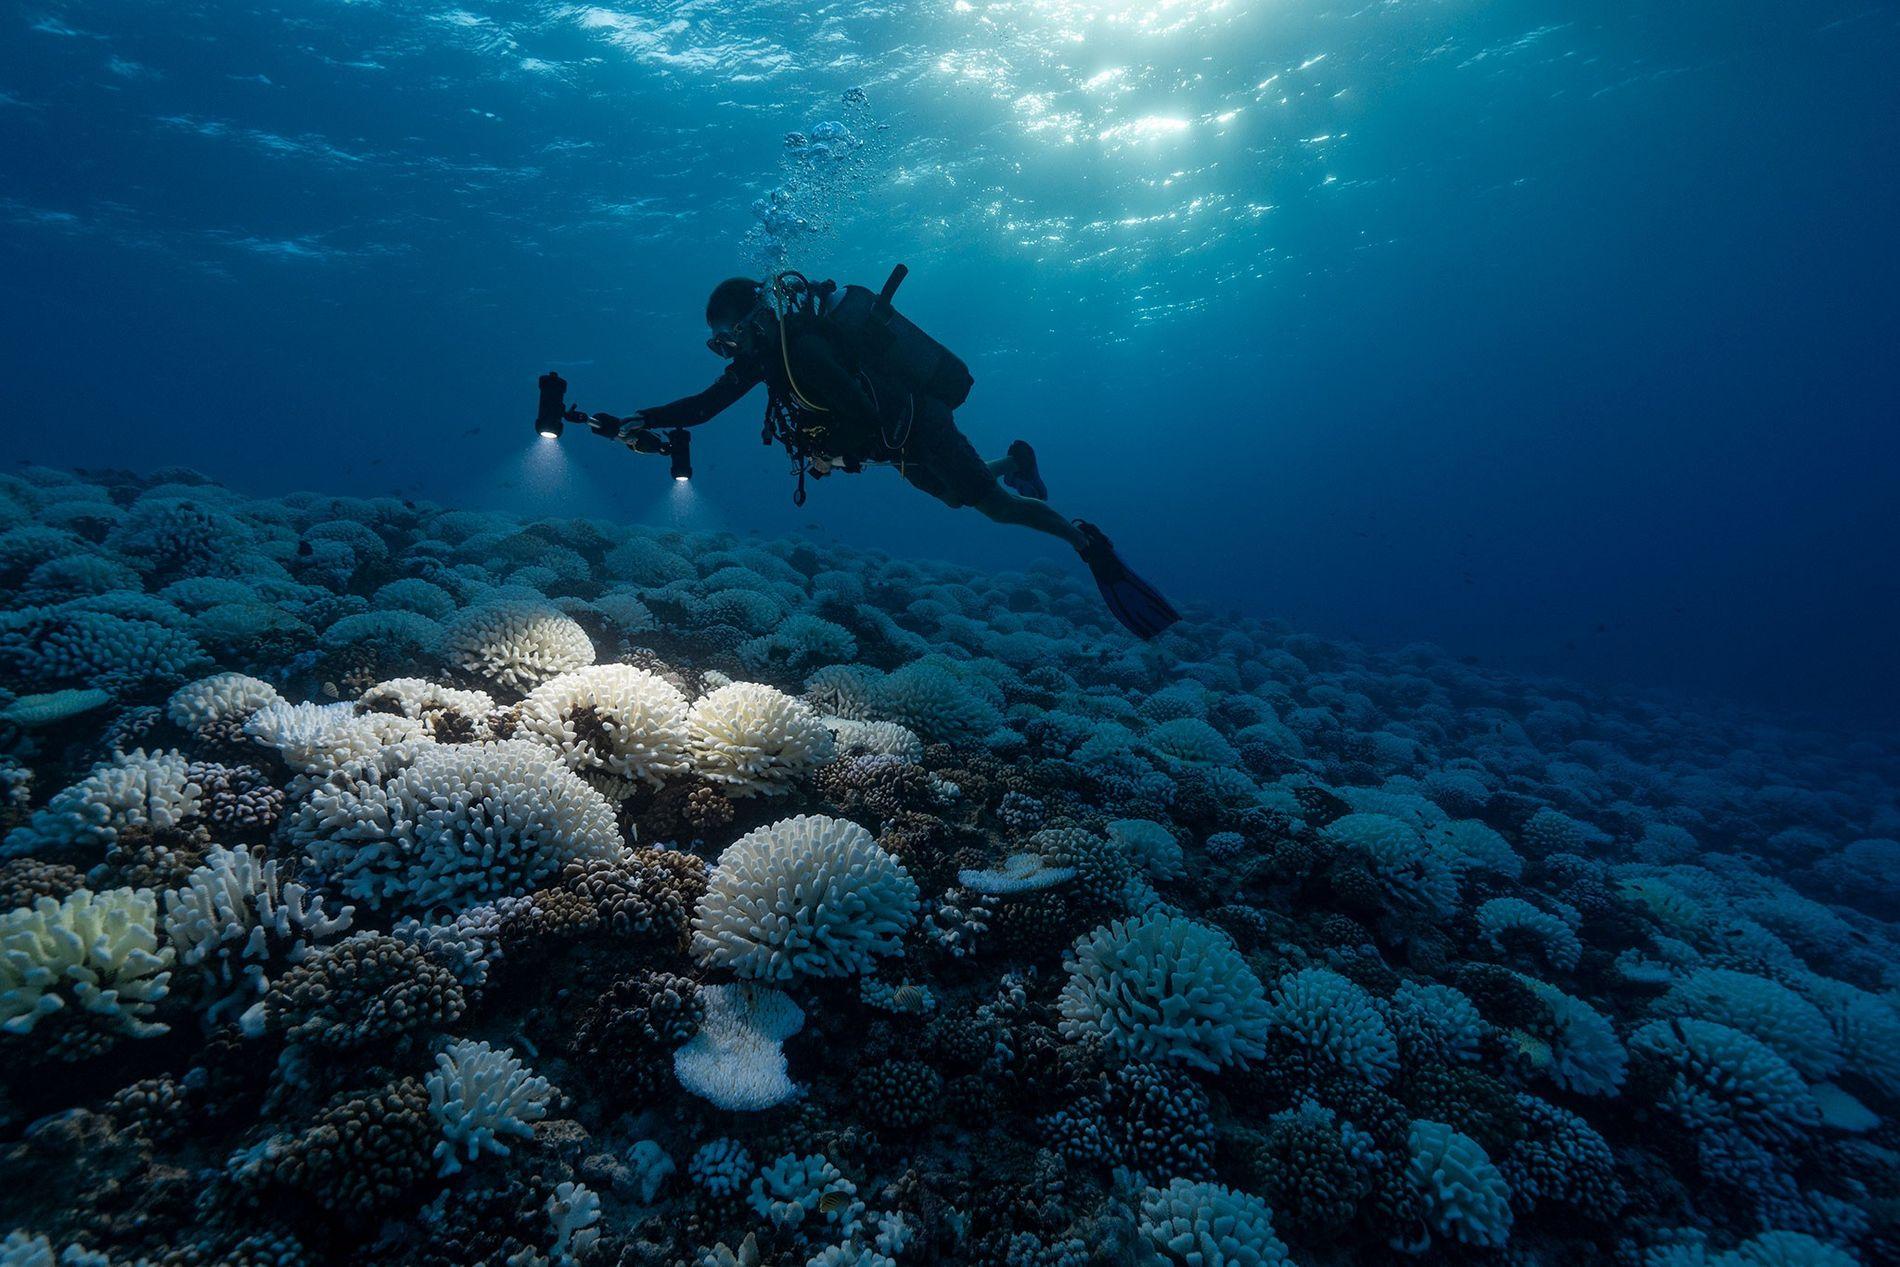 Os oceanos e os corais estão sob estresse extremo devido às mudanças climáticas e podem ter ...